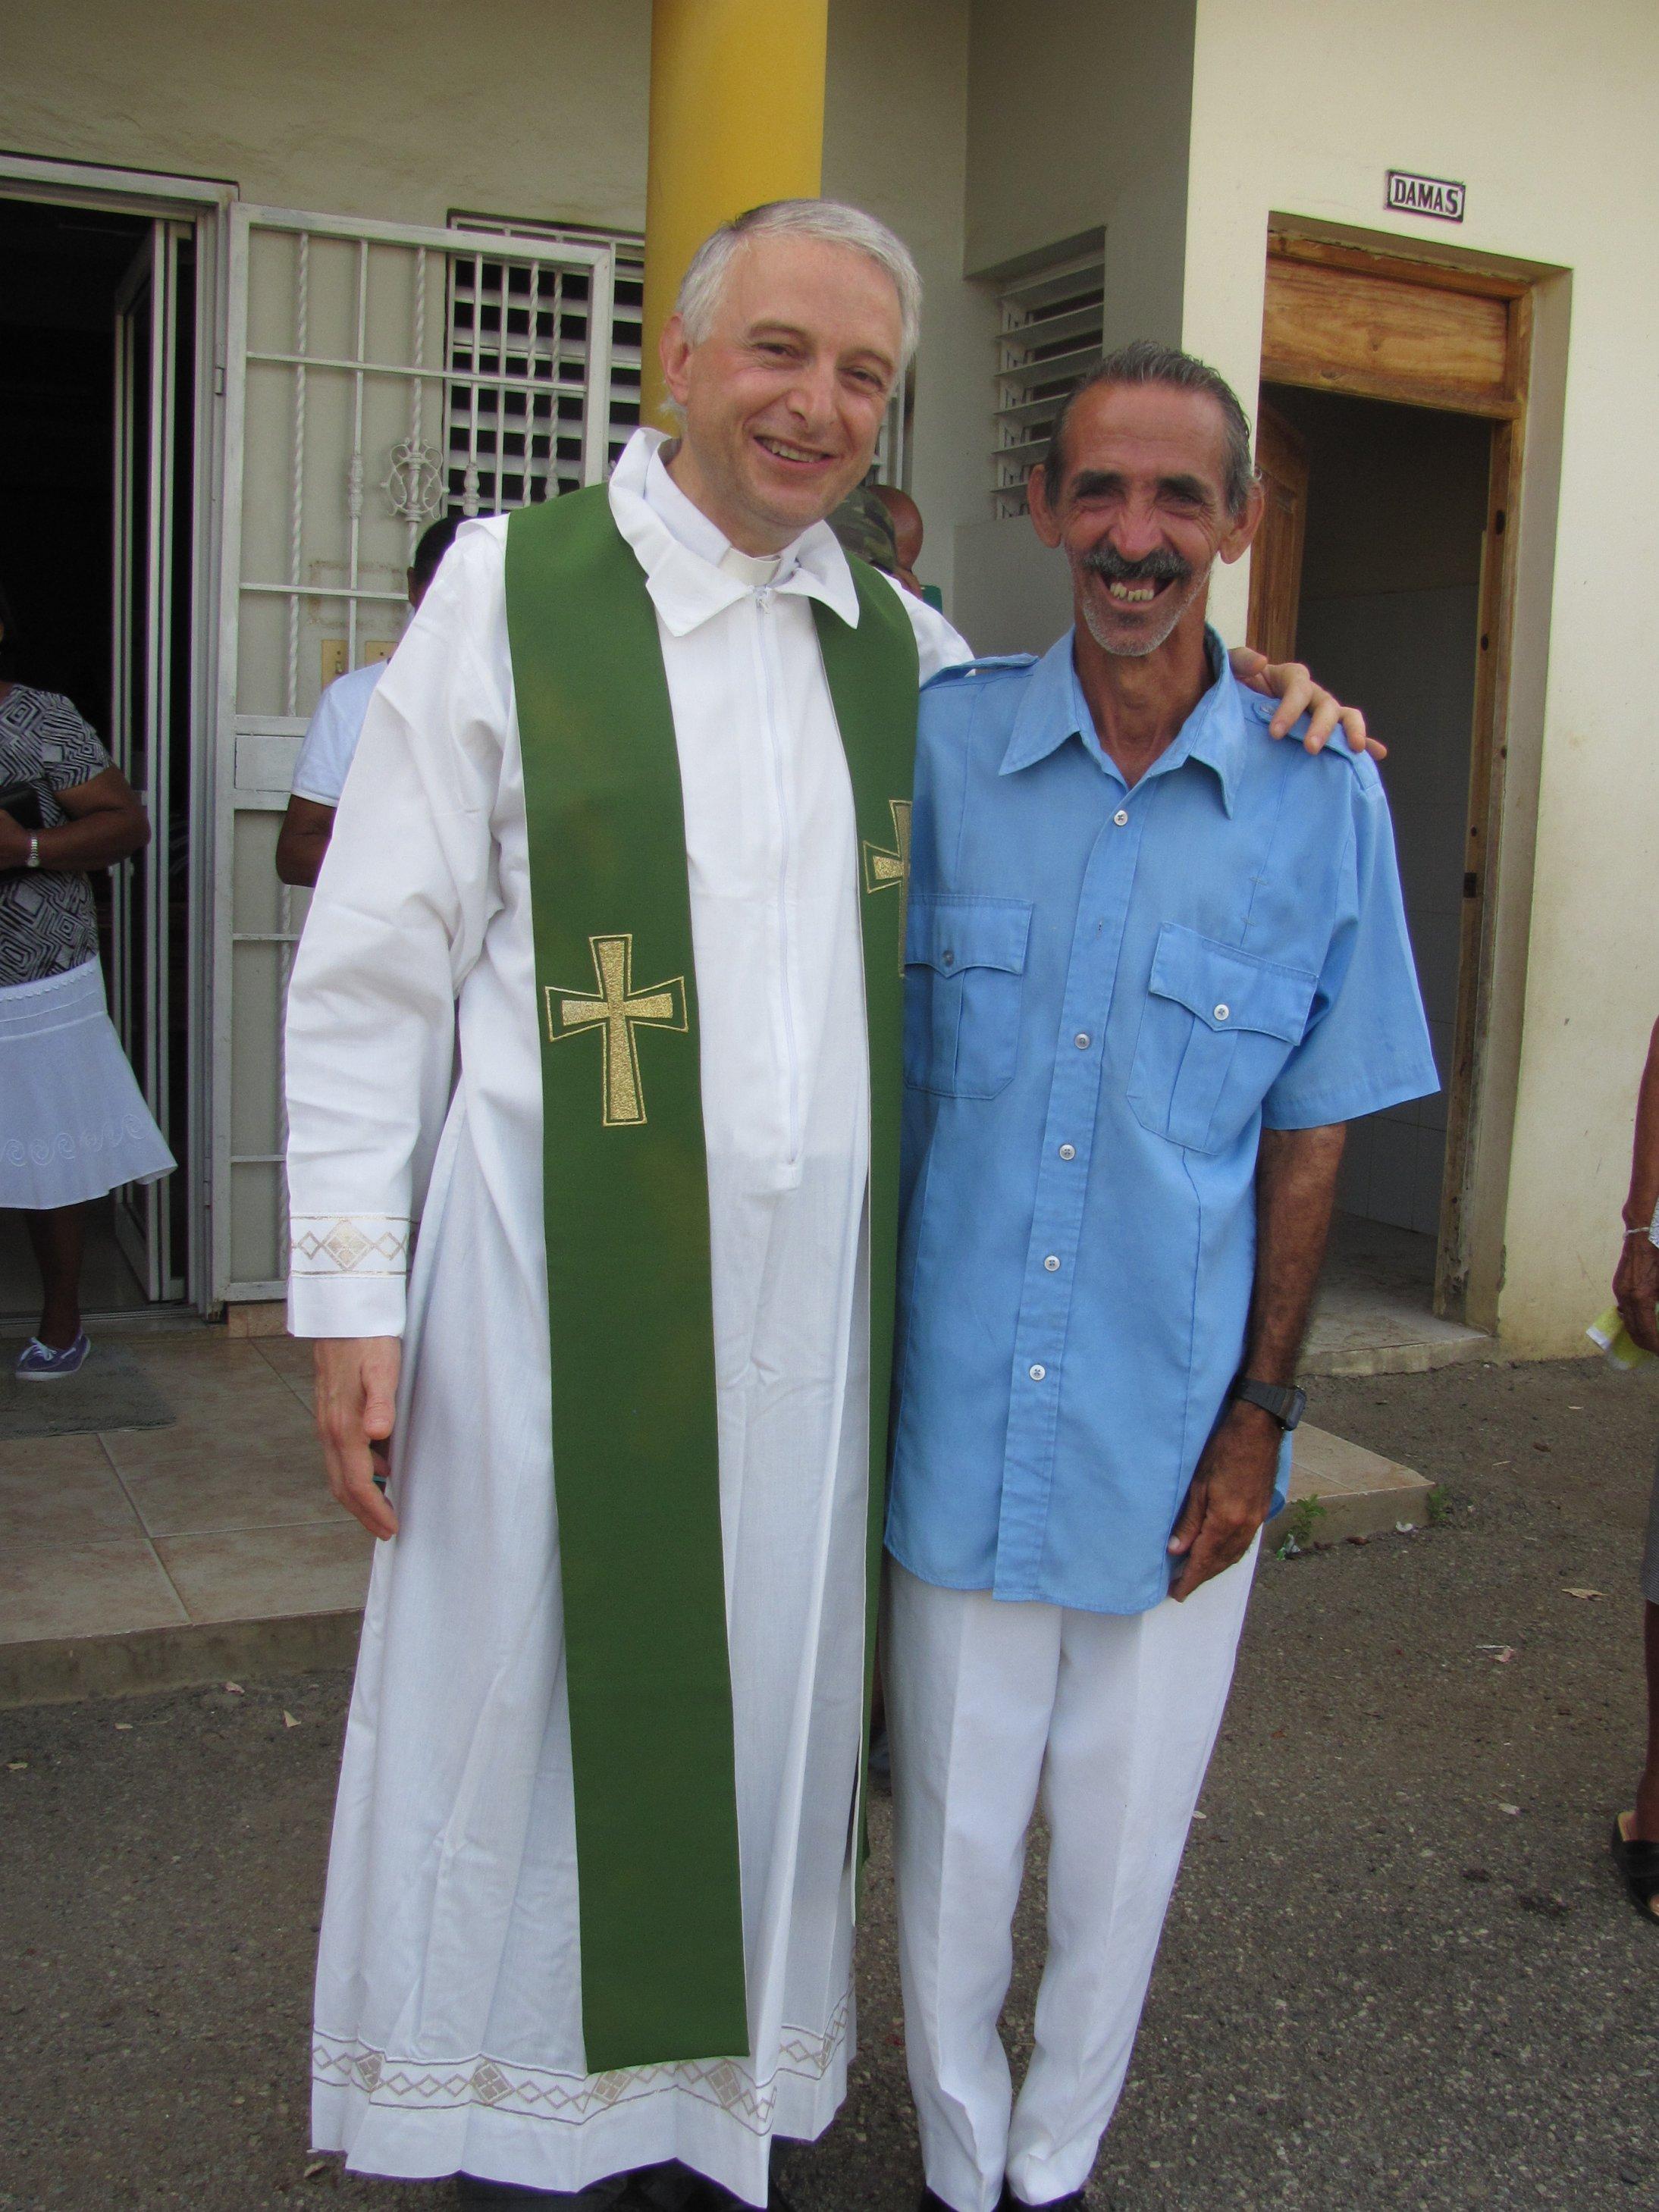 guaricano_misa_dispensario_2012-06-25-07-53-53